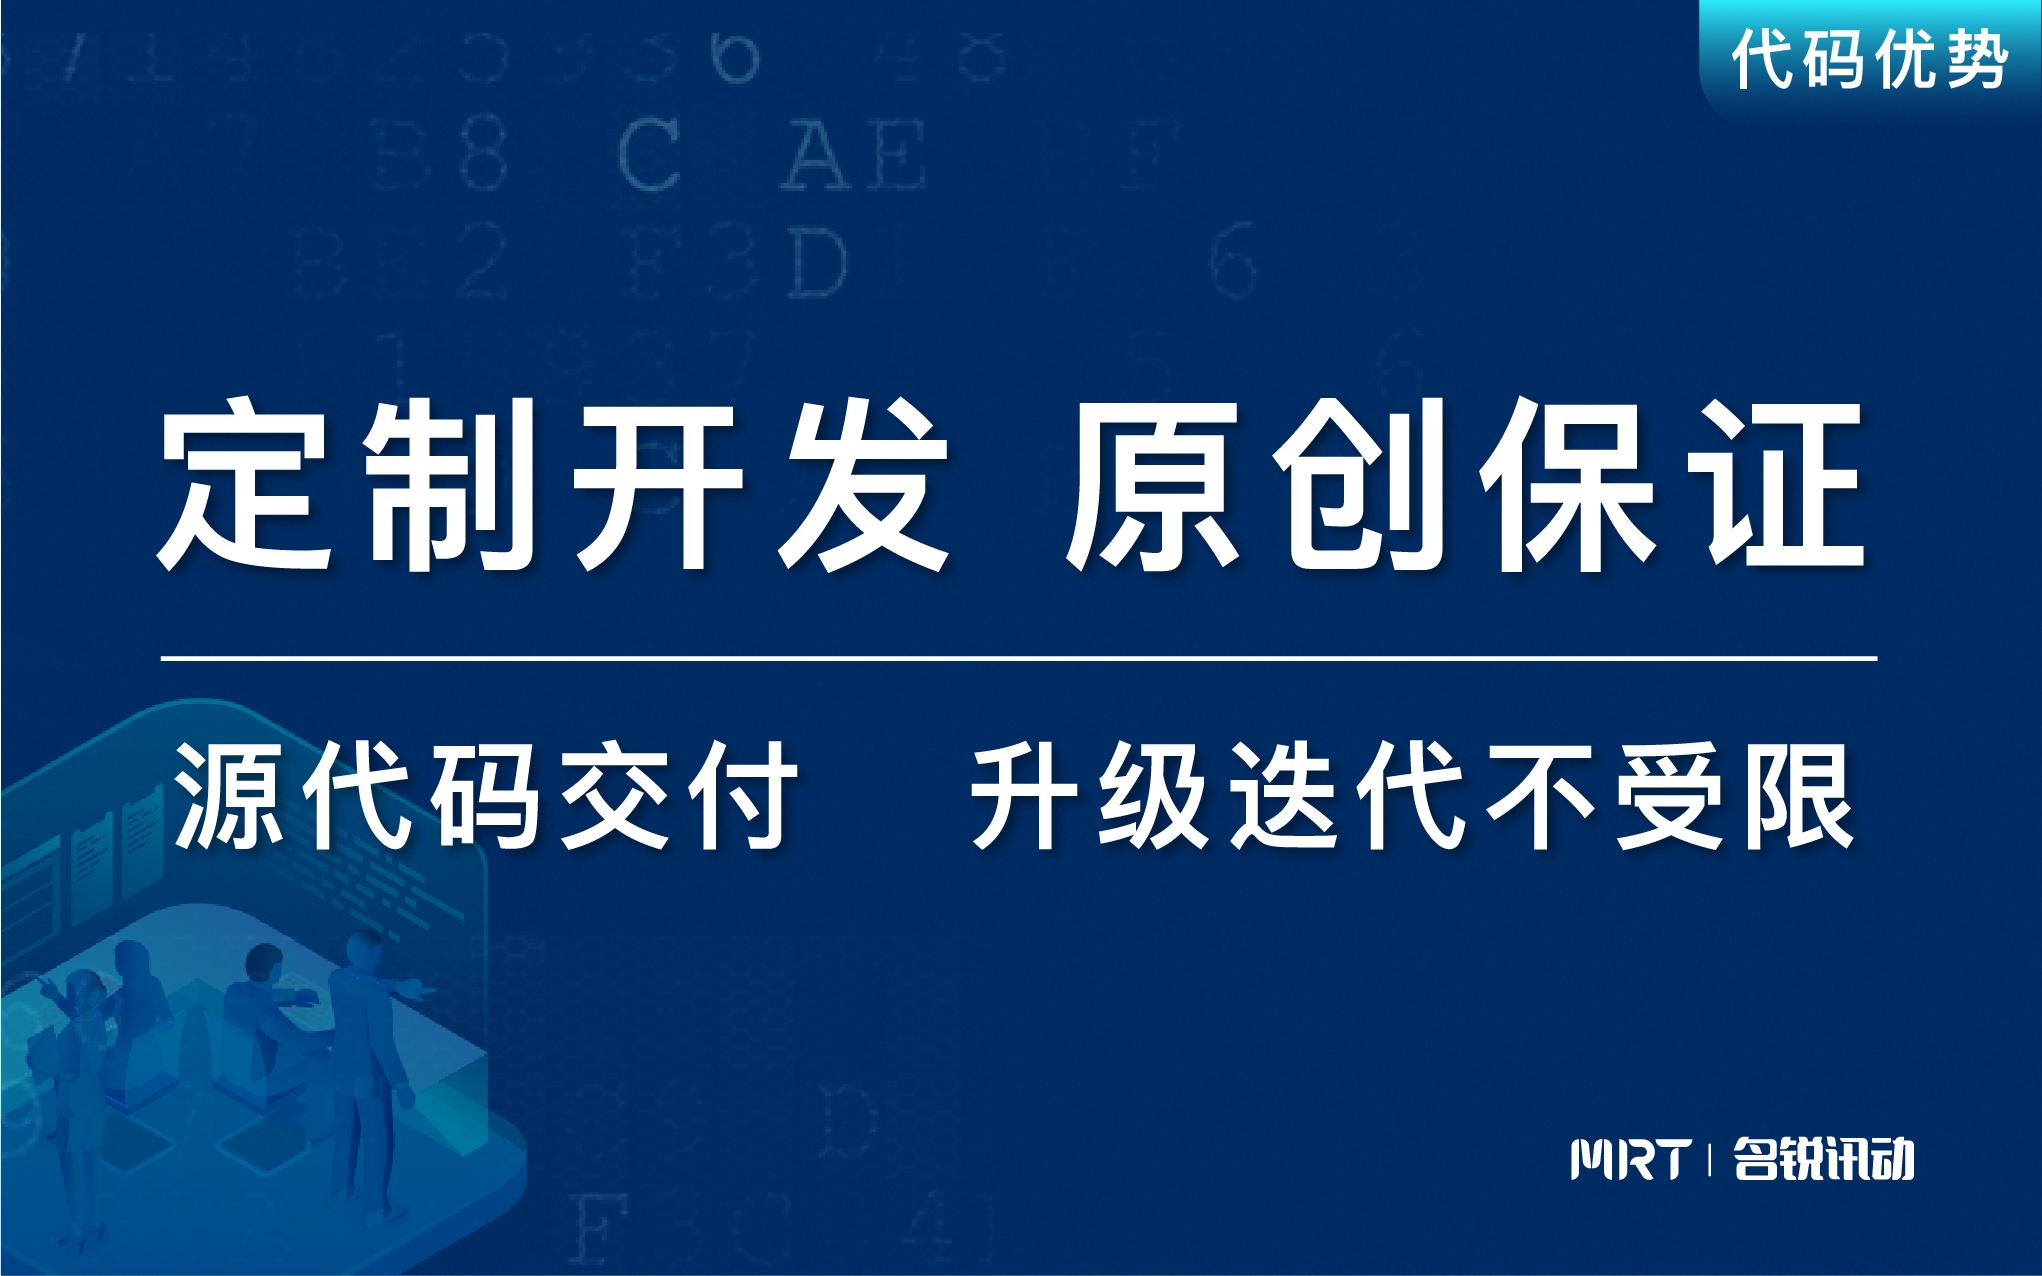 微信小程序开发|医疗支付新零售电商分销商城公众号定制开发H5